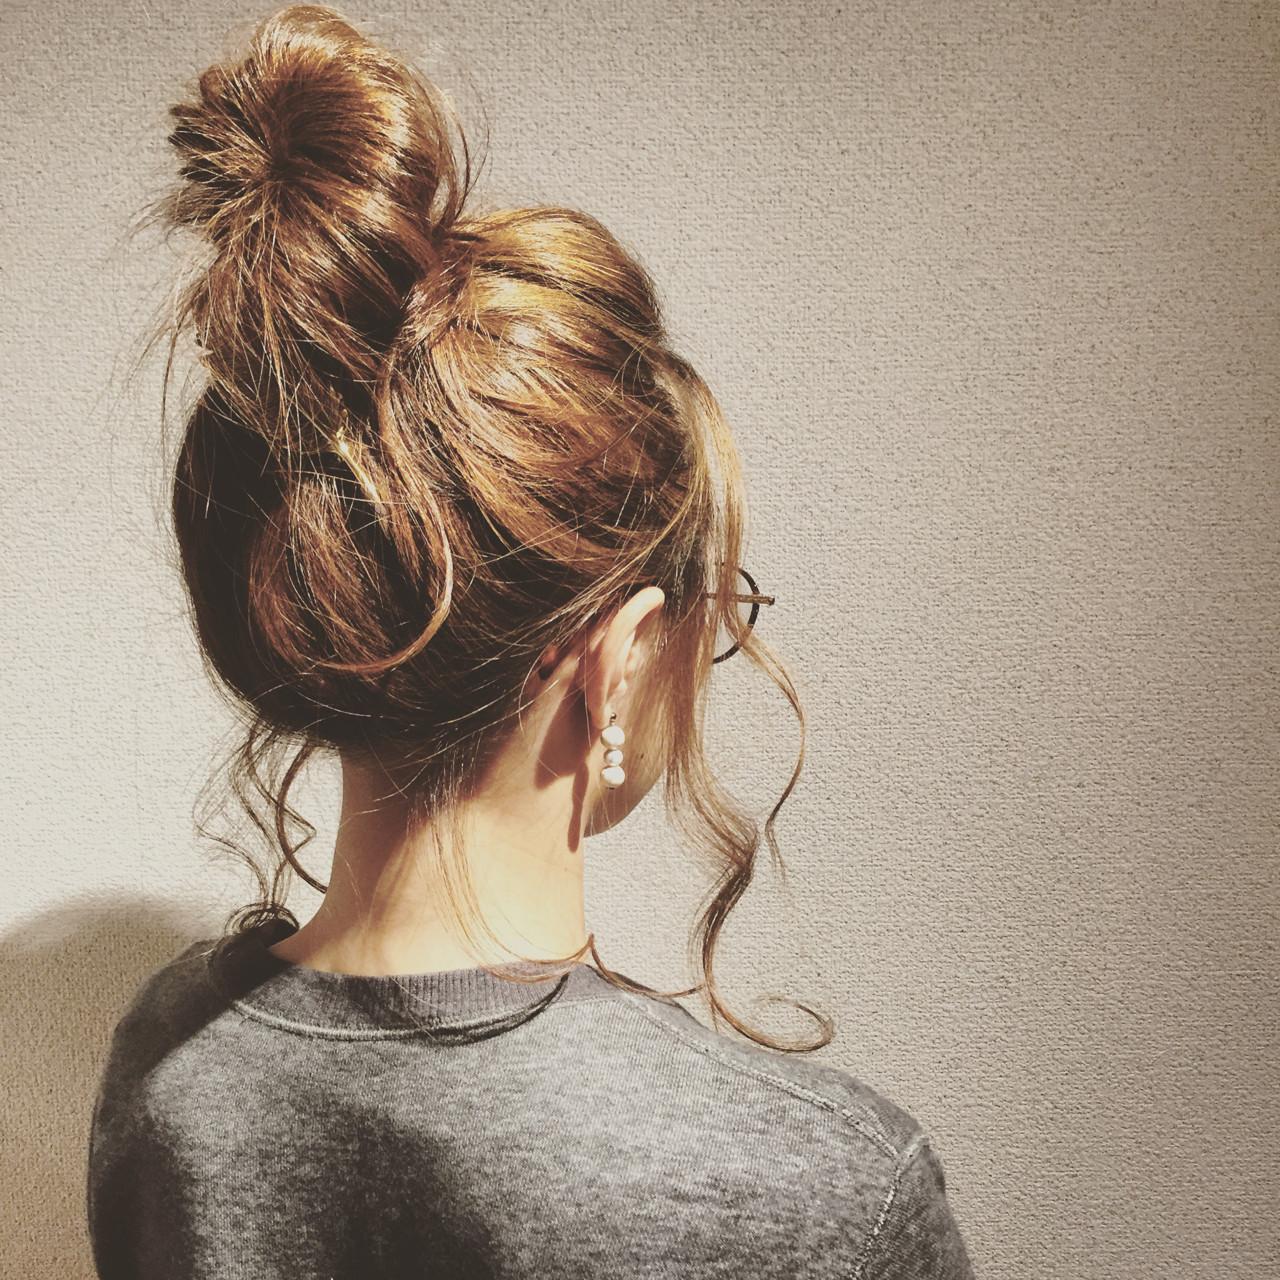 ねじり ヘアアレンジ ロング お団子 ヘアスタイルや髪型の写真・画像